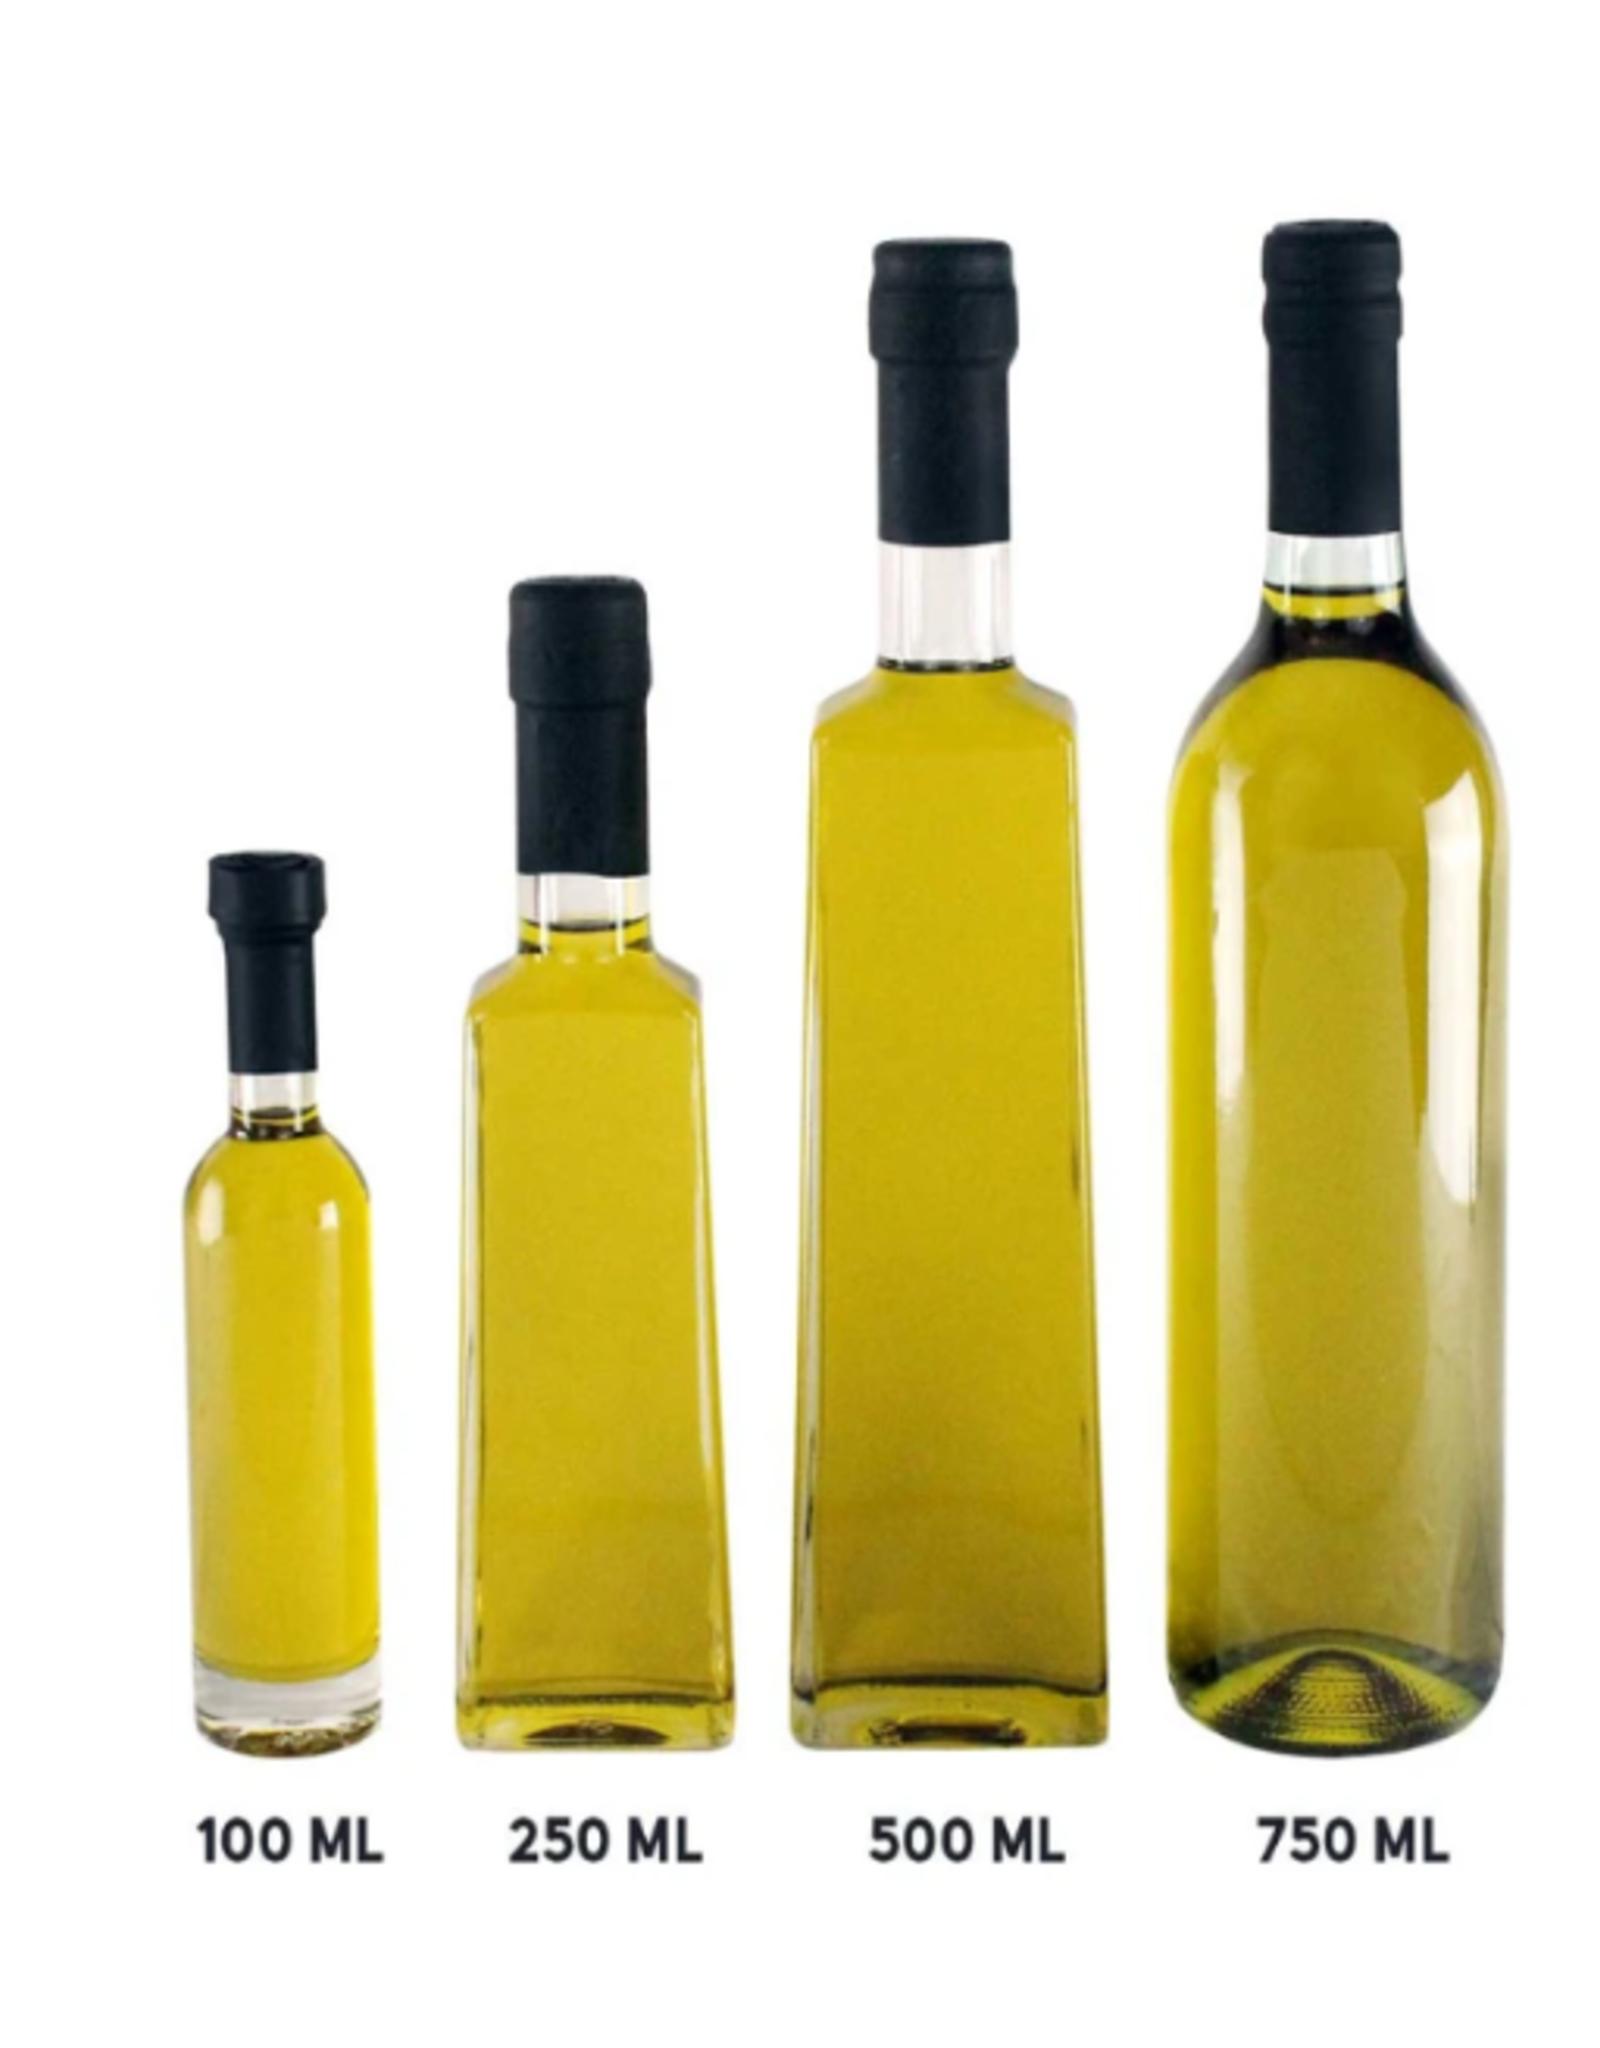 Olivelle Mango Balsamic Vinegar